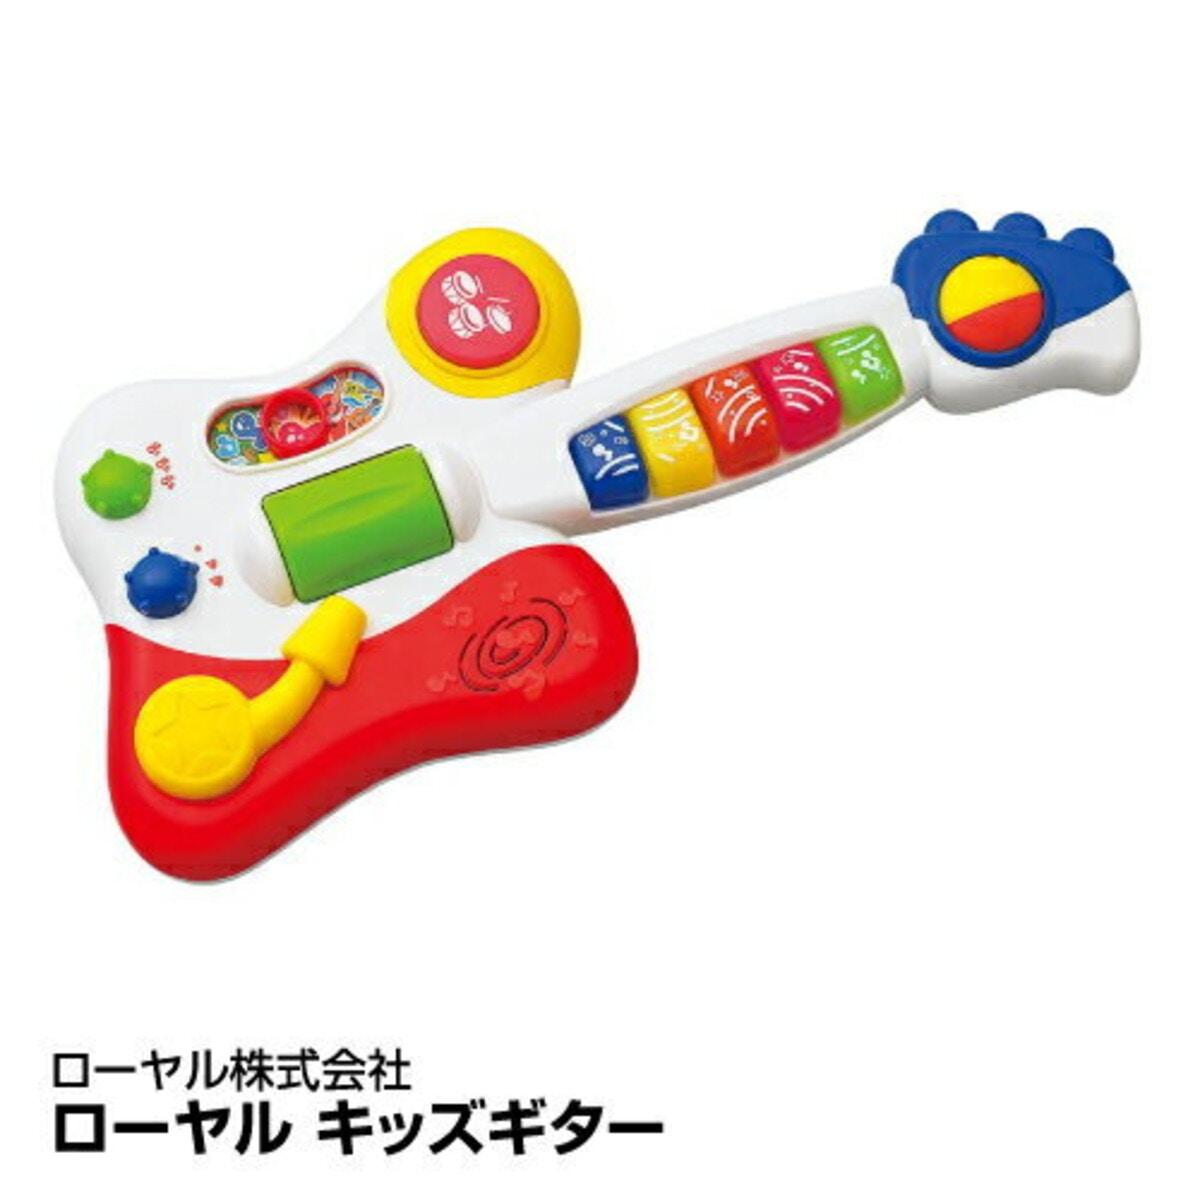 ローヤル「キッズギター」